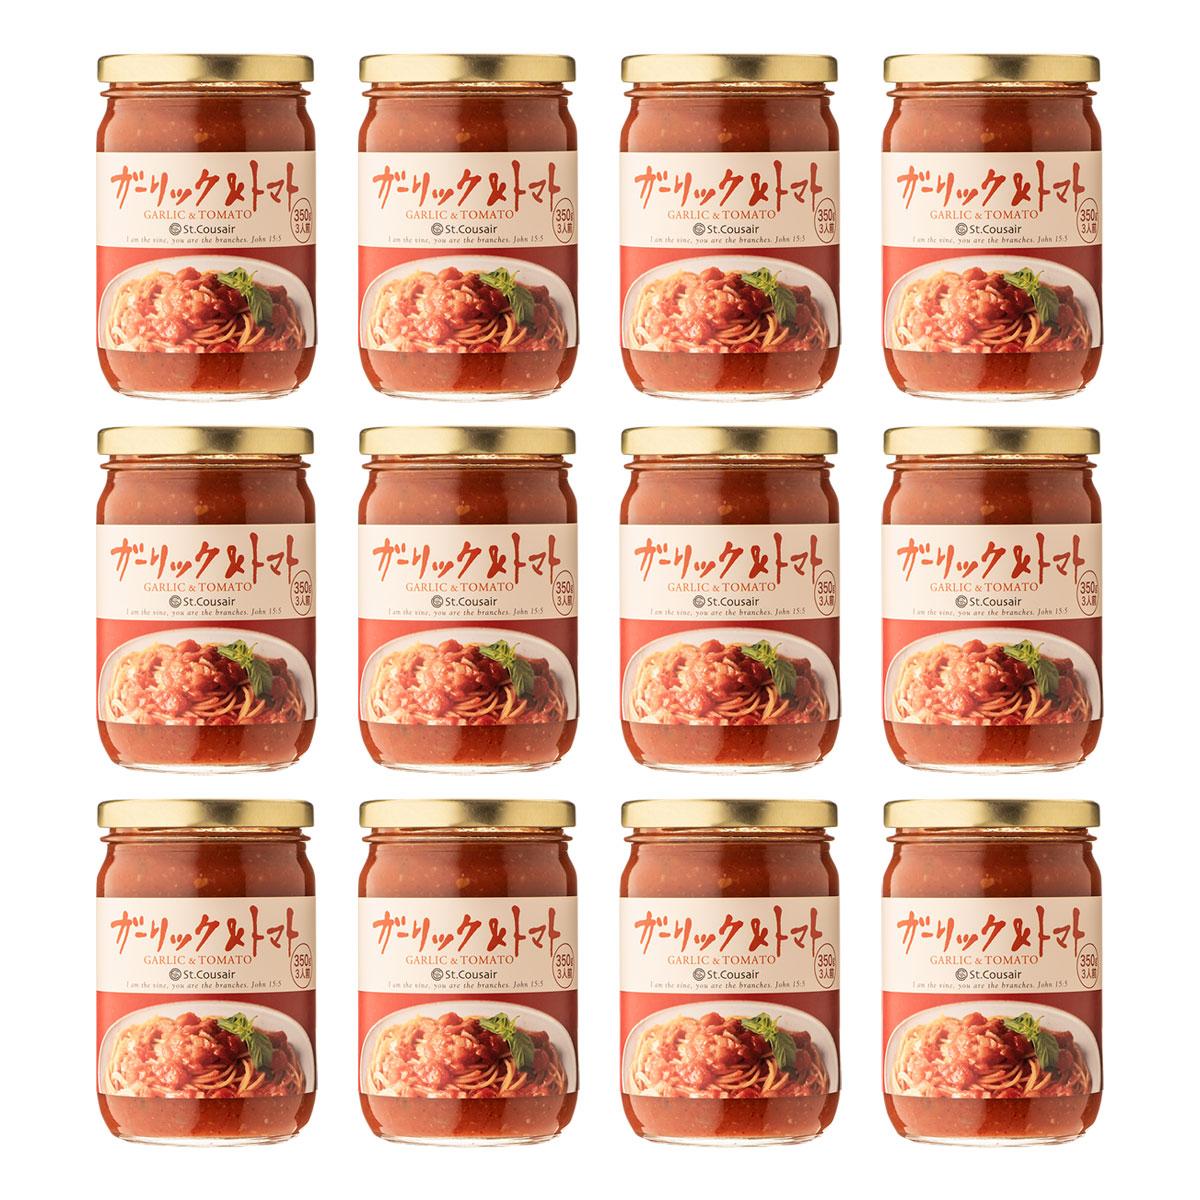 大人気のパスタソースをまとめ買い パスタソース ガーリック トマト350g 新作 春の新作続々 ラッピング 12本まとめ買い 化粧箱詰め不可 のし